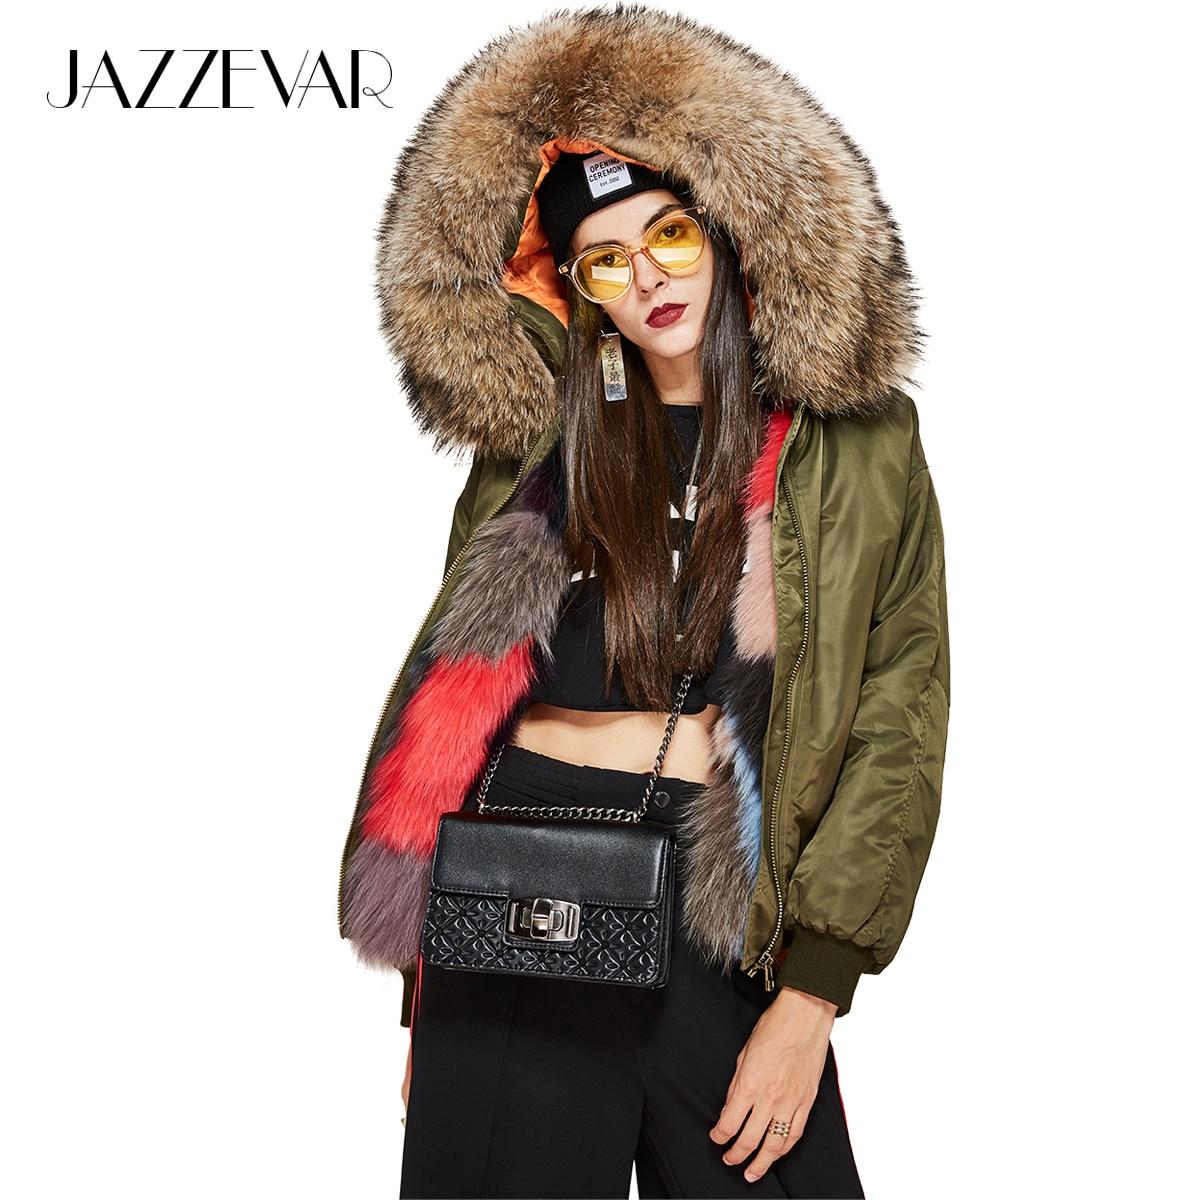 JAZZEVAR 2019 nowa moda zima ulicy kobiet luksusowe multicolor lisa futrzana podszewka kurtka bomber duża szopa futro parka z futra w Parki od Odzież damska na  Grupa 1